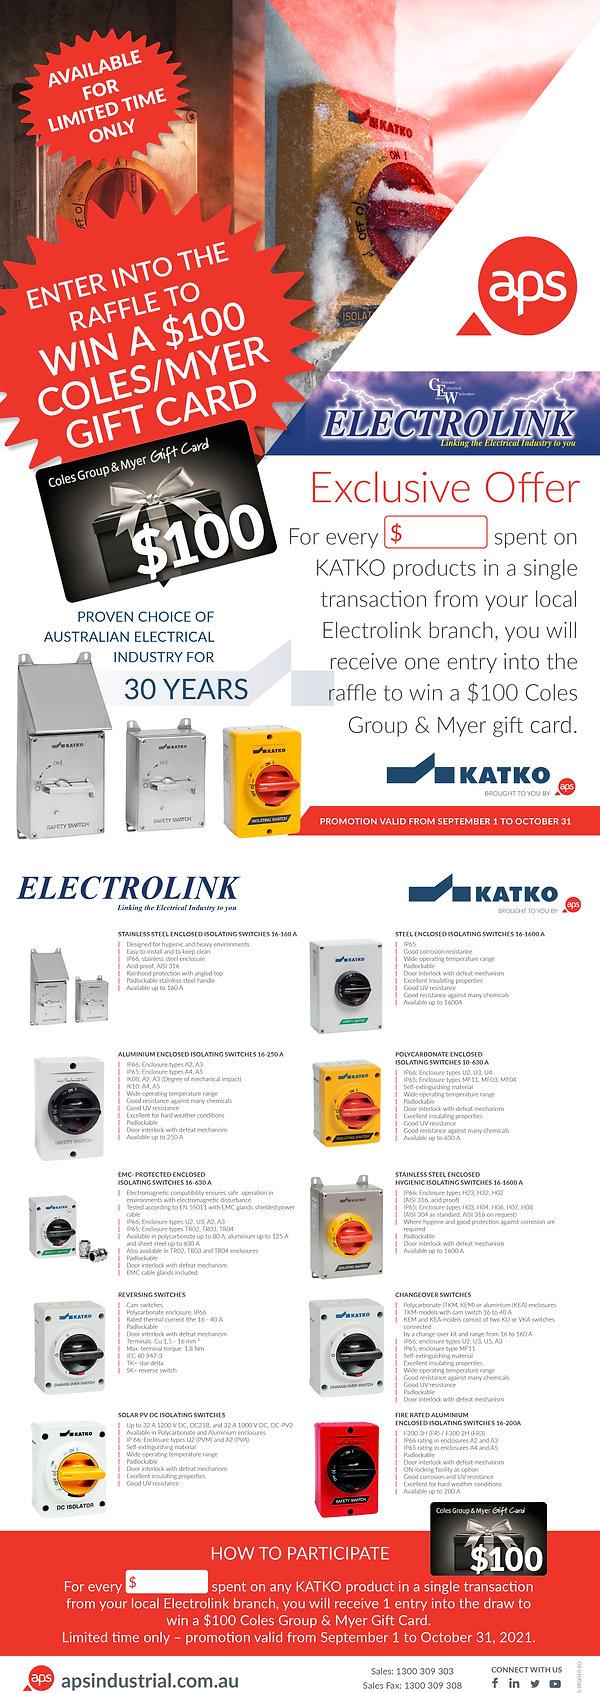 5-PR0010 KATKO - SO - Electrolink Promo - $100 Coles Myer-1FINAL.jpg